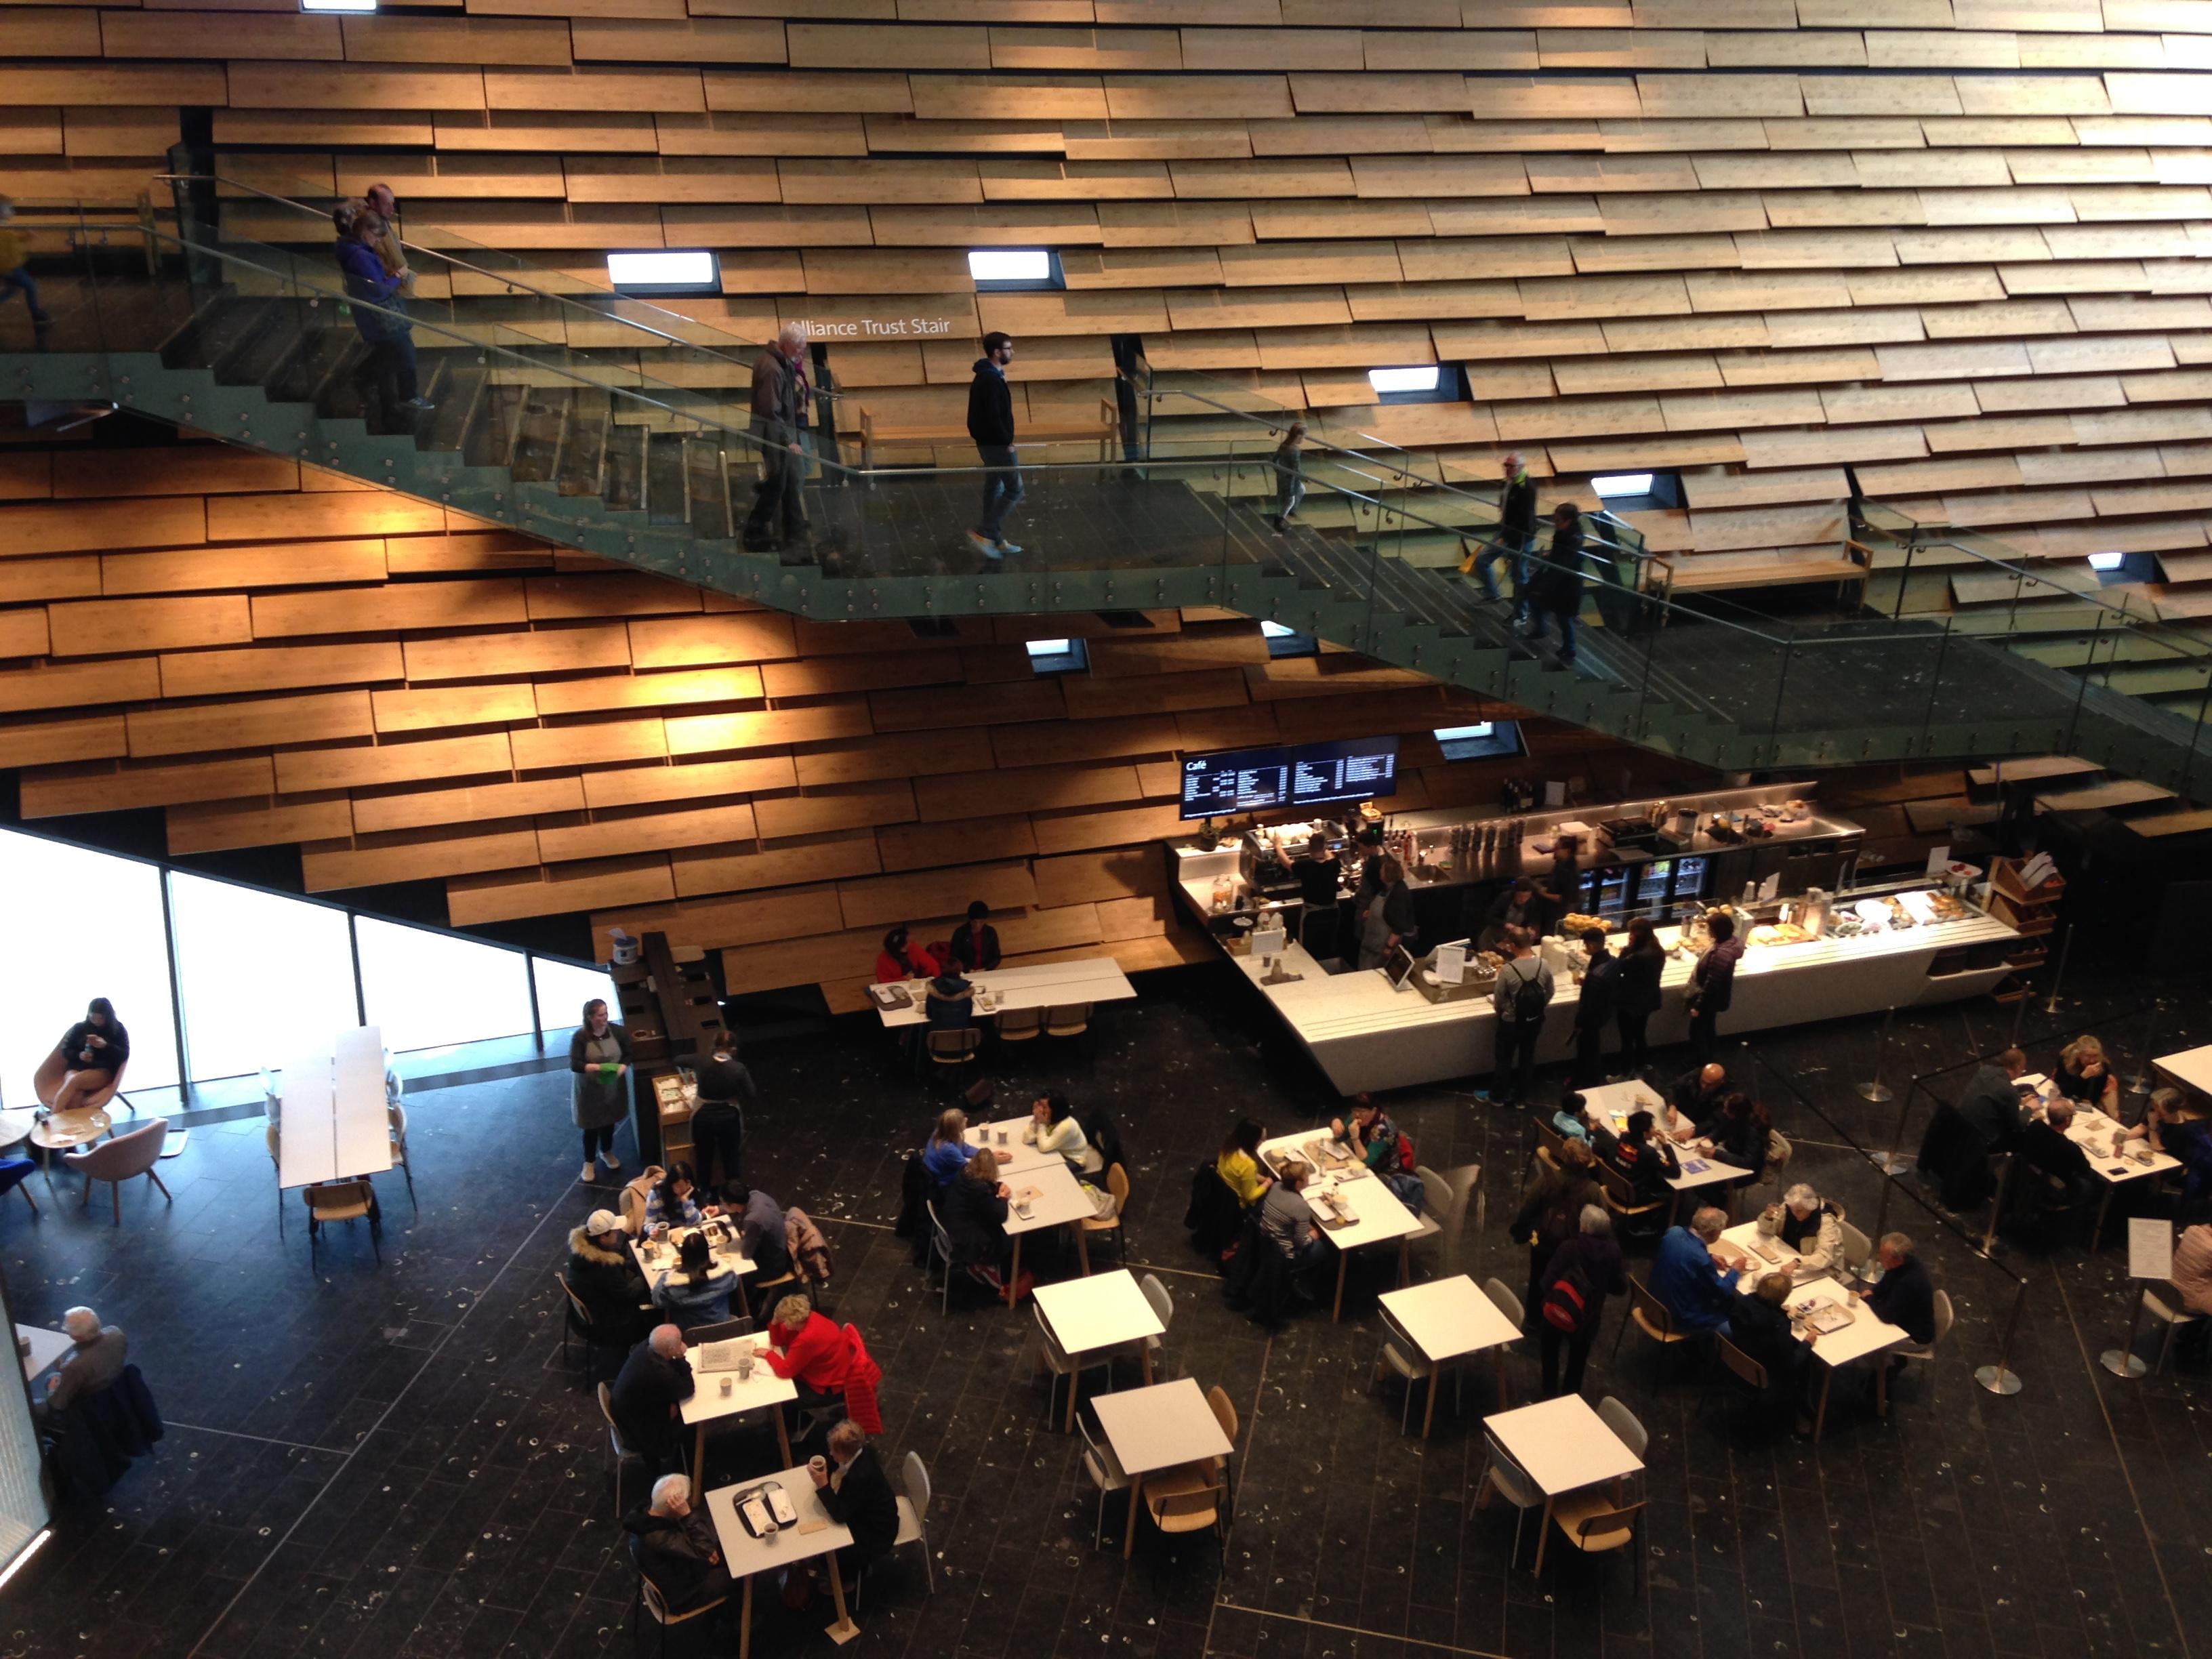 V&A Dundee atrium